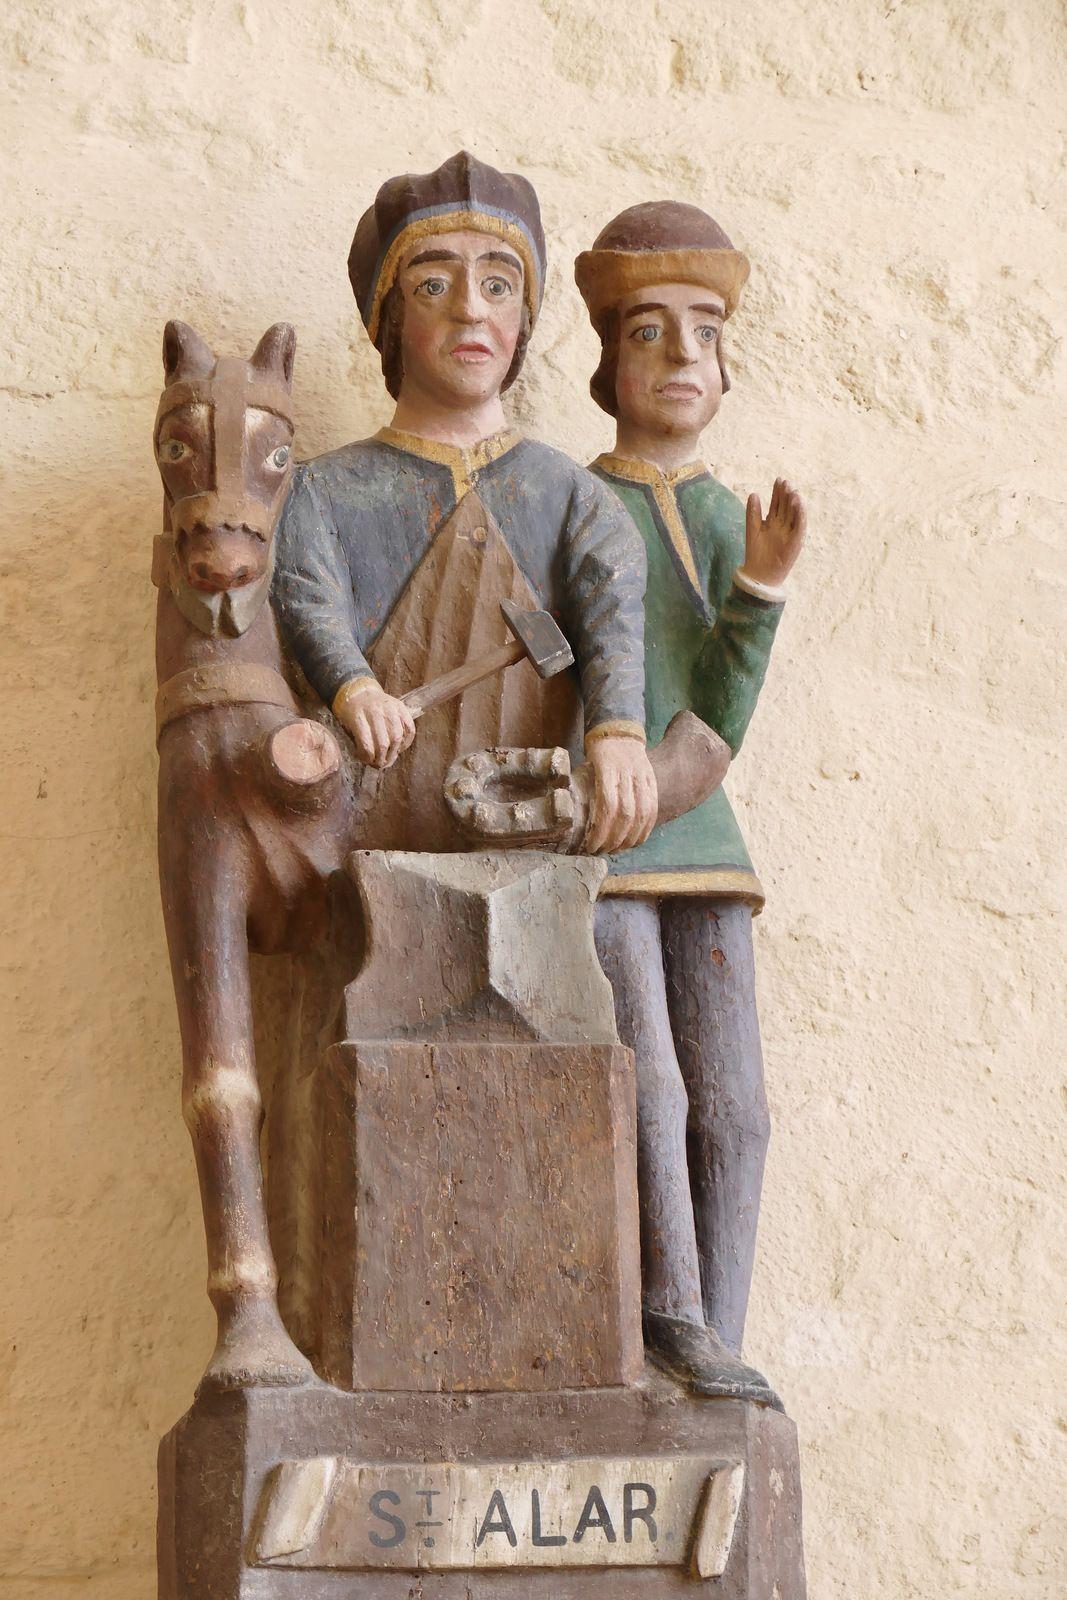 Statuaire de l'église Saint-Démet de Plozévet. Photographie lavieb-aile juillet 2020.